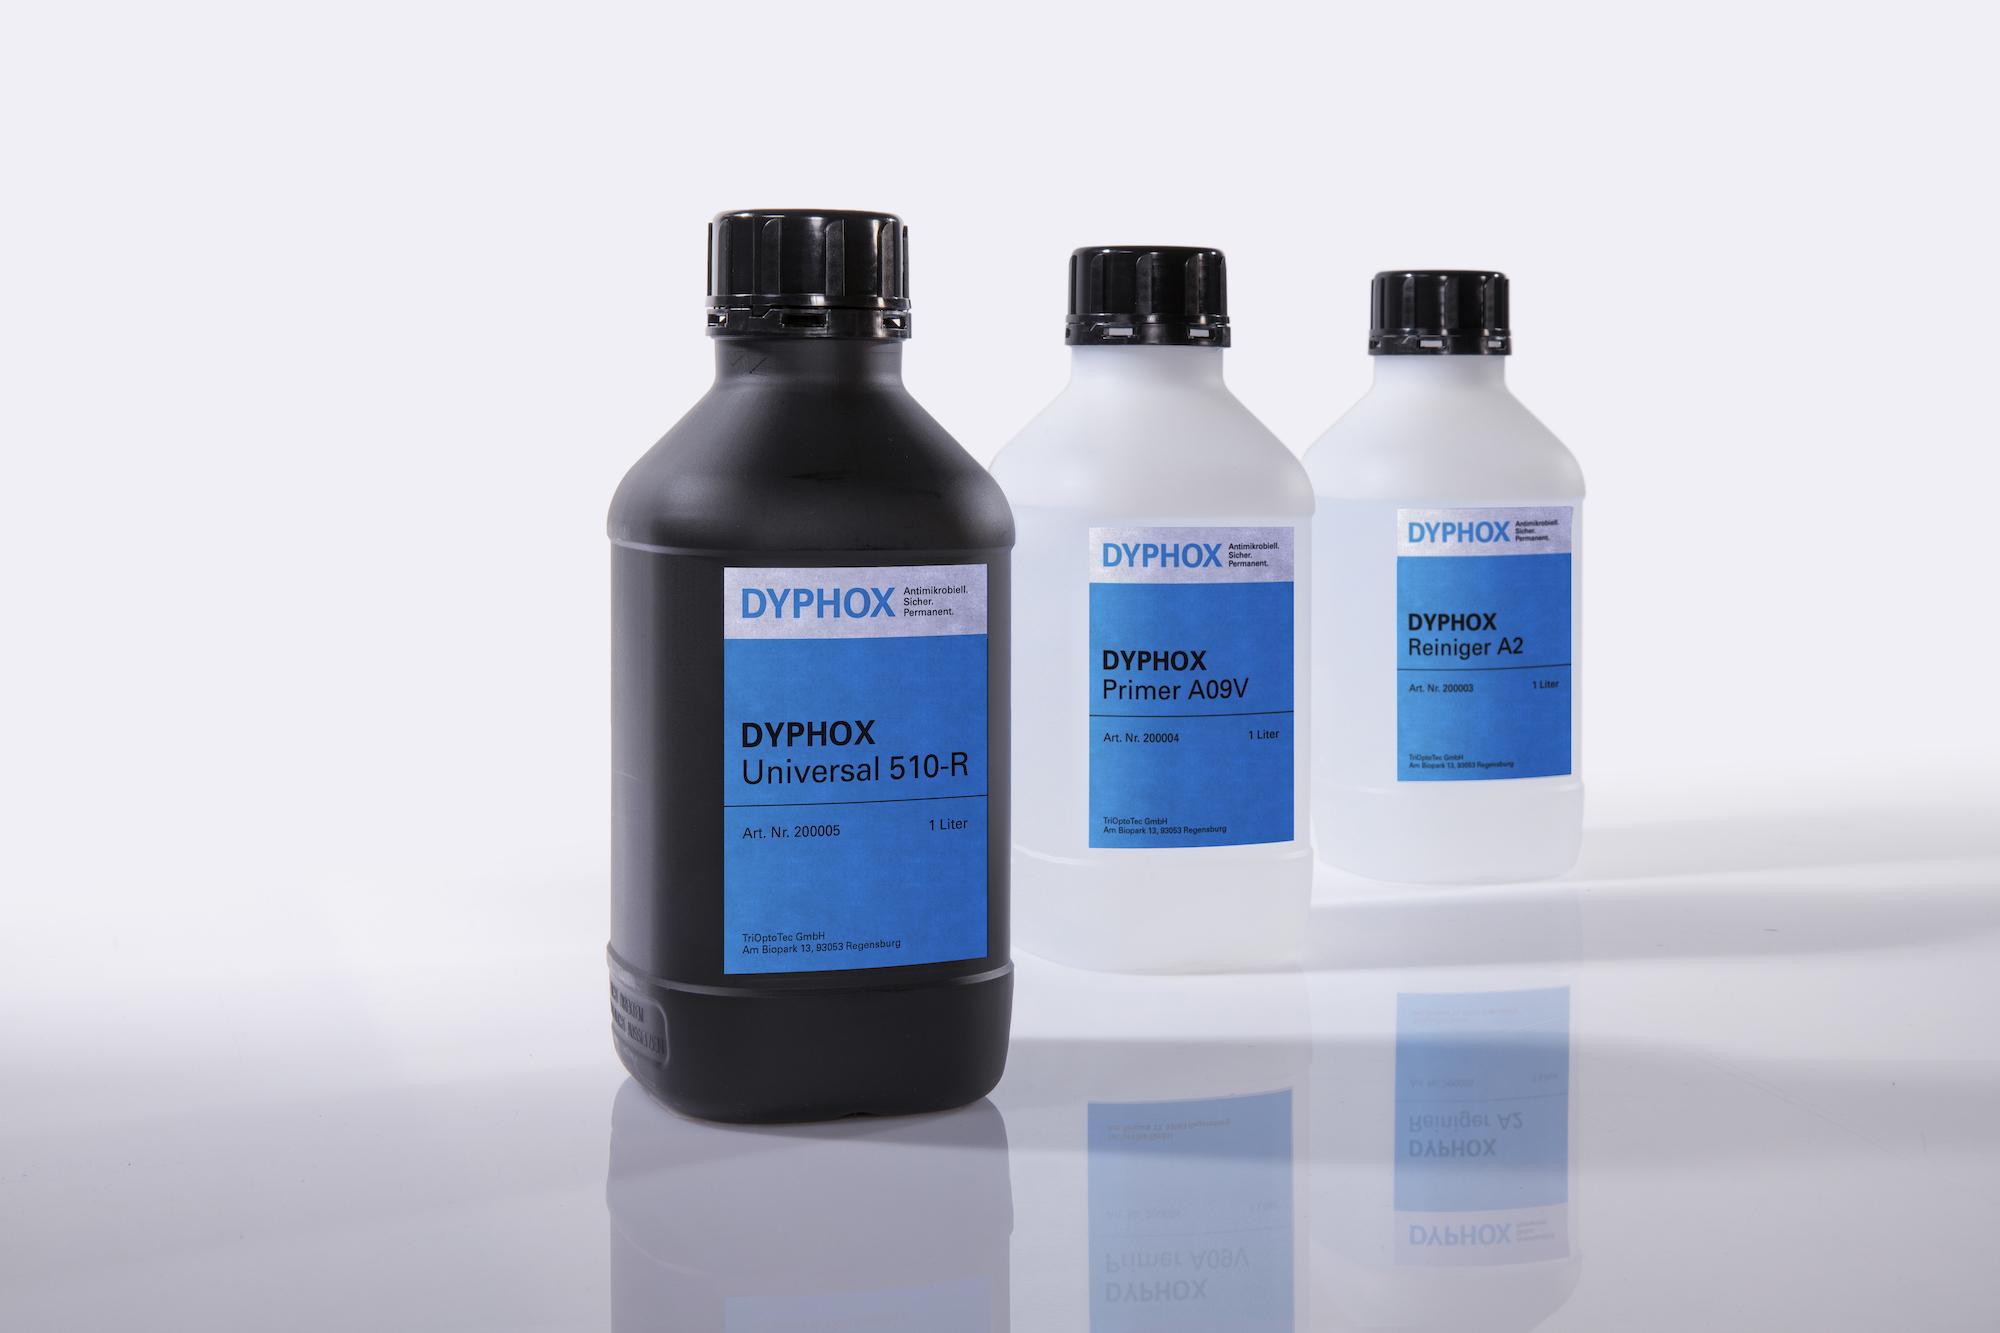 Drei Flaschen, die Dyphox enthalten.